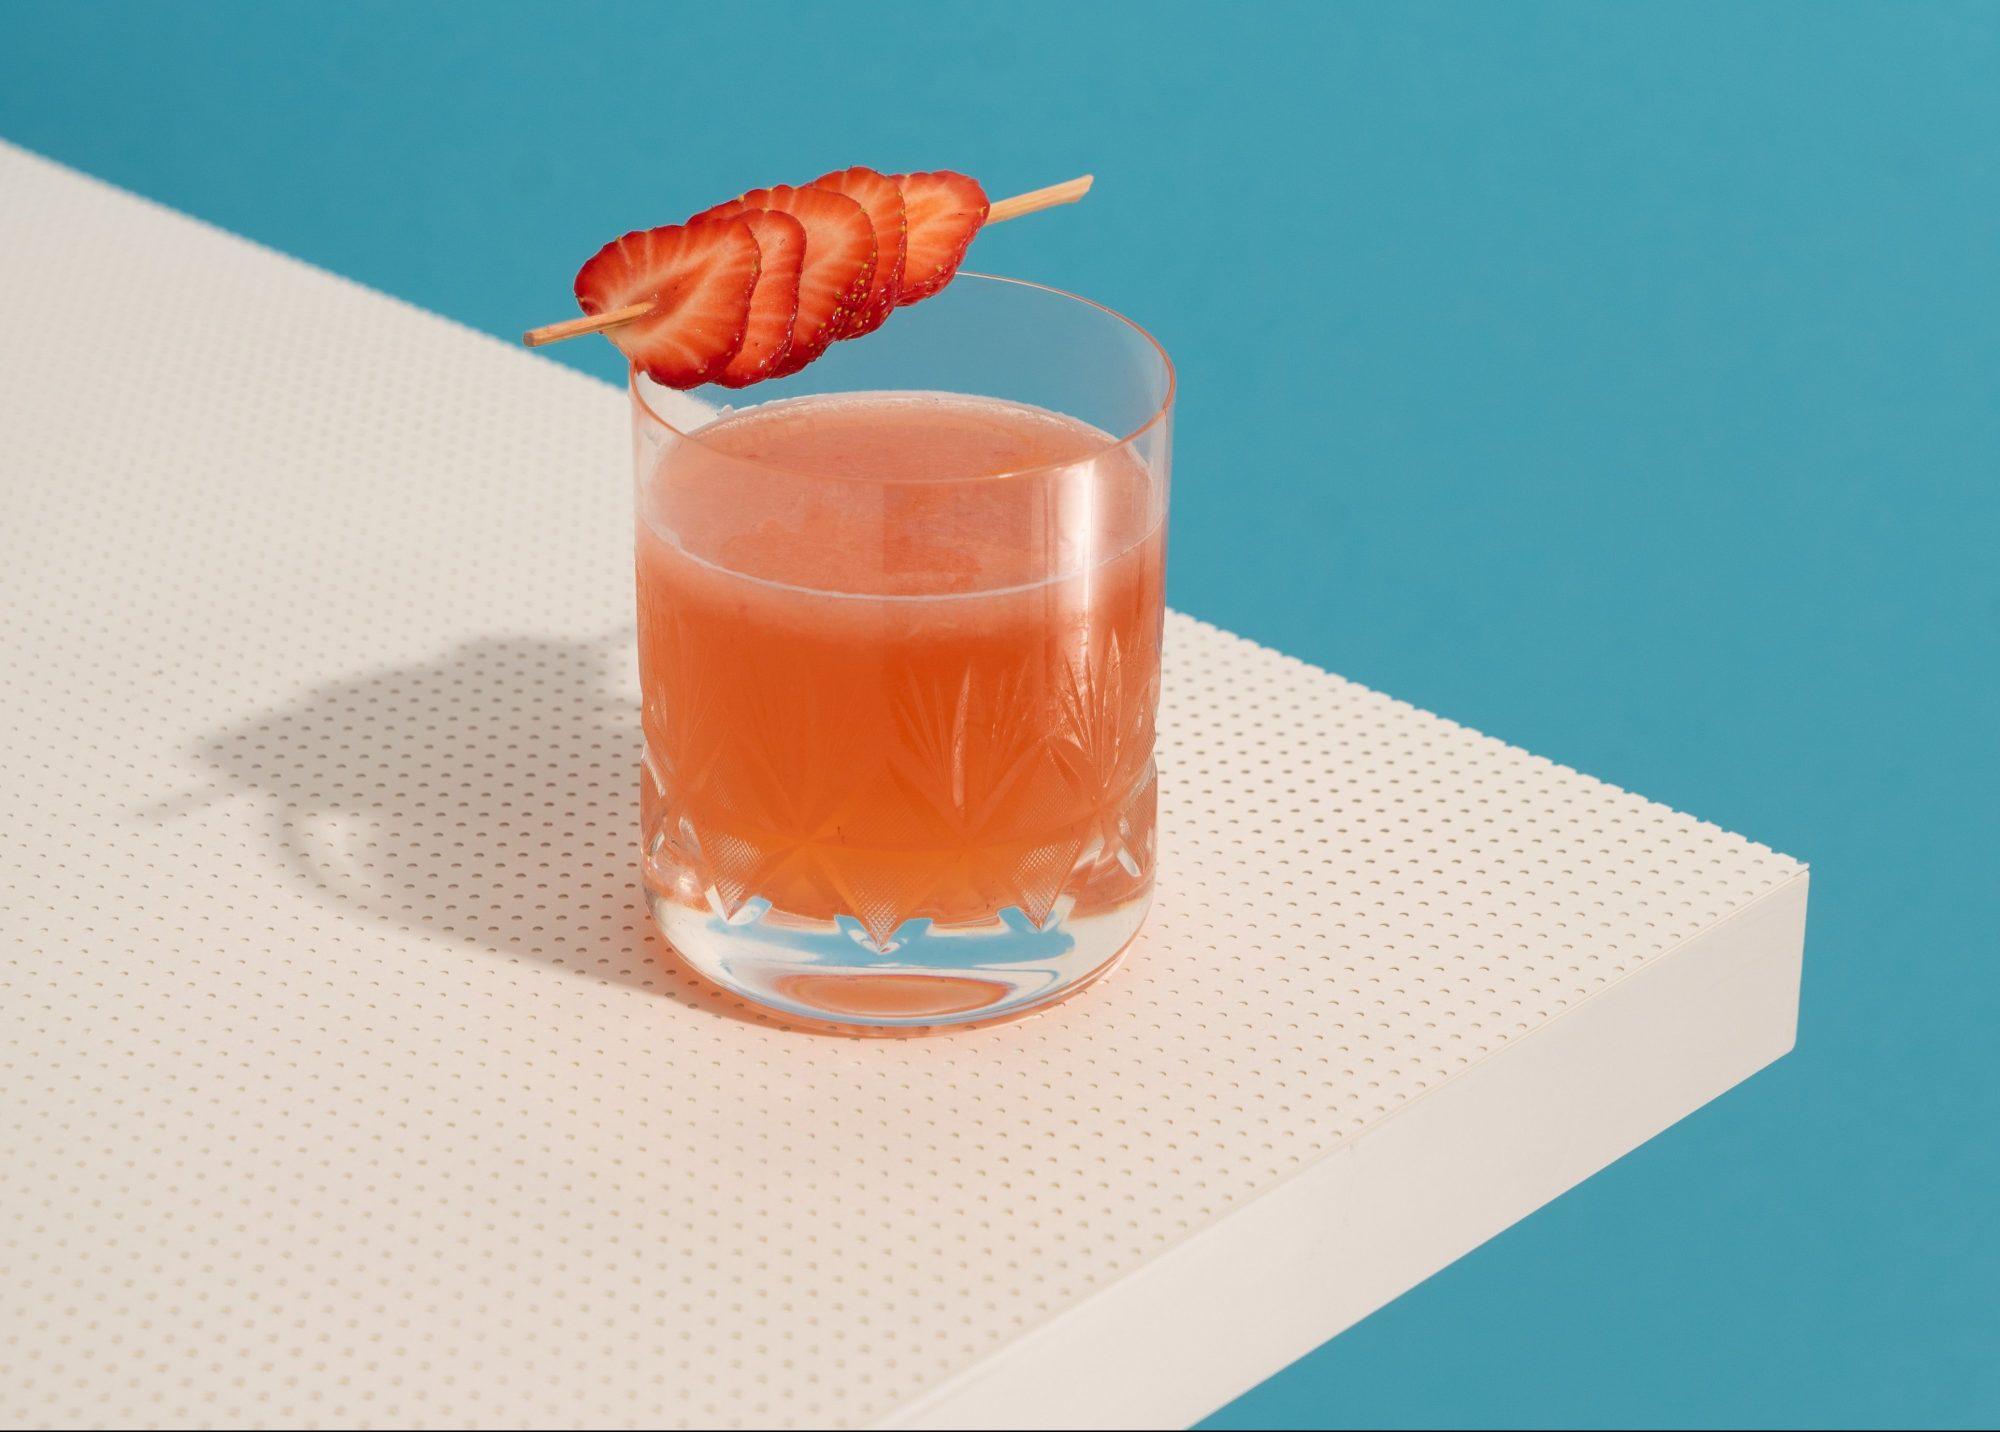 Το ιδανικό cocktail είναι αυτό που έχει τέλεια γεύση και καθόλου θερμίδες. Και αυτό το cocktail υπάρχει! Ψάχνεις το ιδανικό cocktail που θα σου προσφέρει την σωστή ποσότητα αλκοόλ χωρίς τις επιπλέον (αχρείαστες) θερμίδες; Πες πως το βρήκες κιόλας.